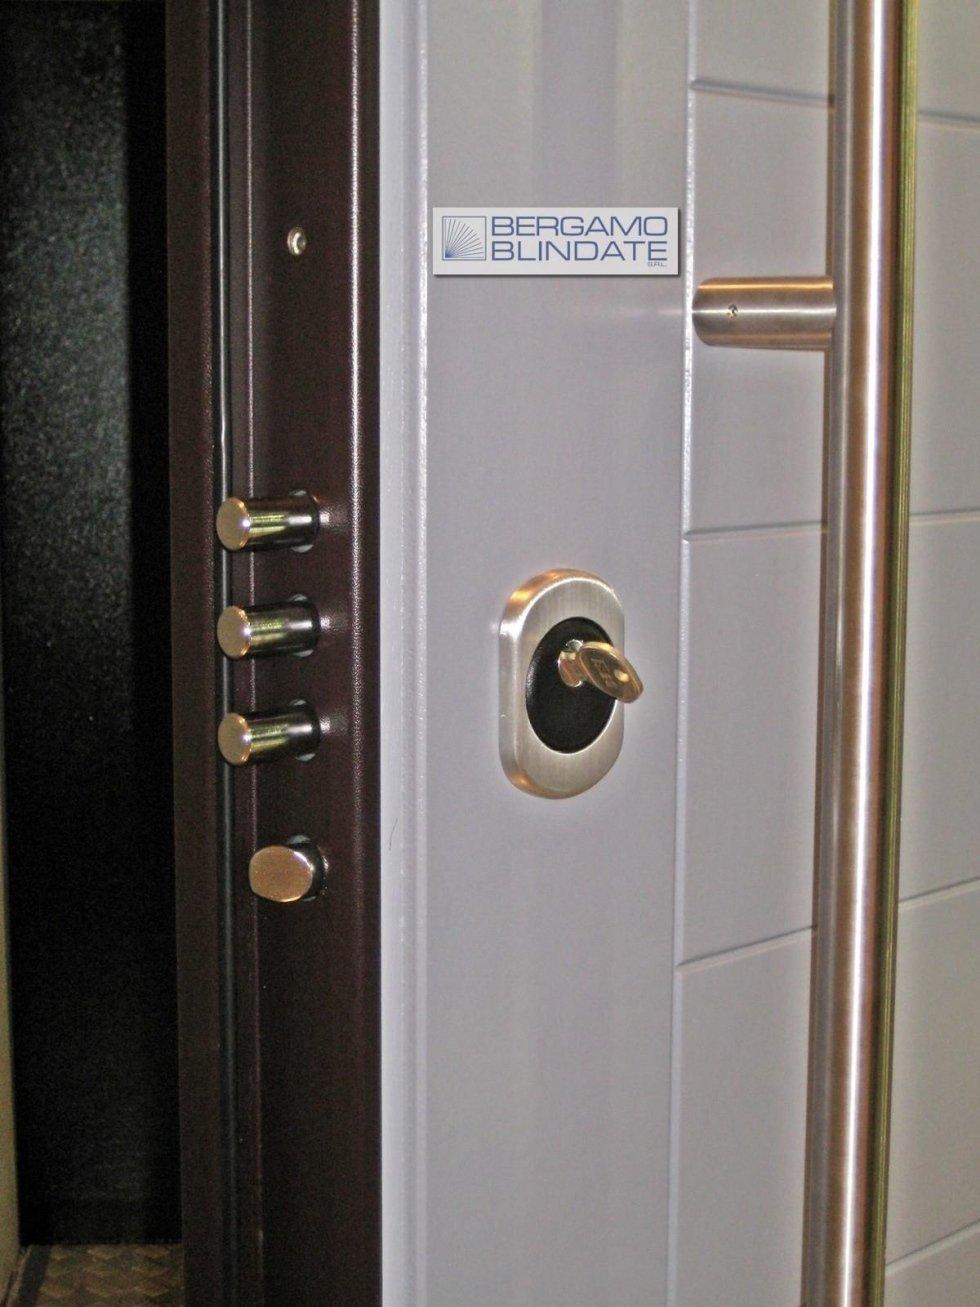 Porta blindata con serratura a cilindro europeo